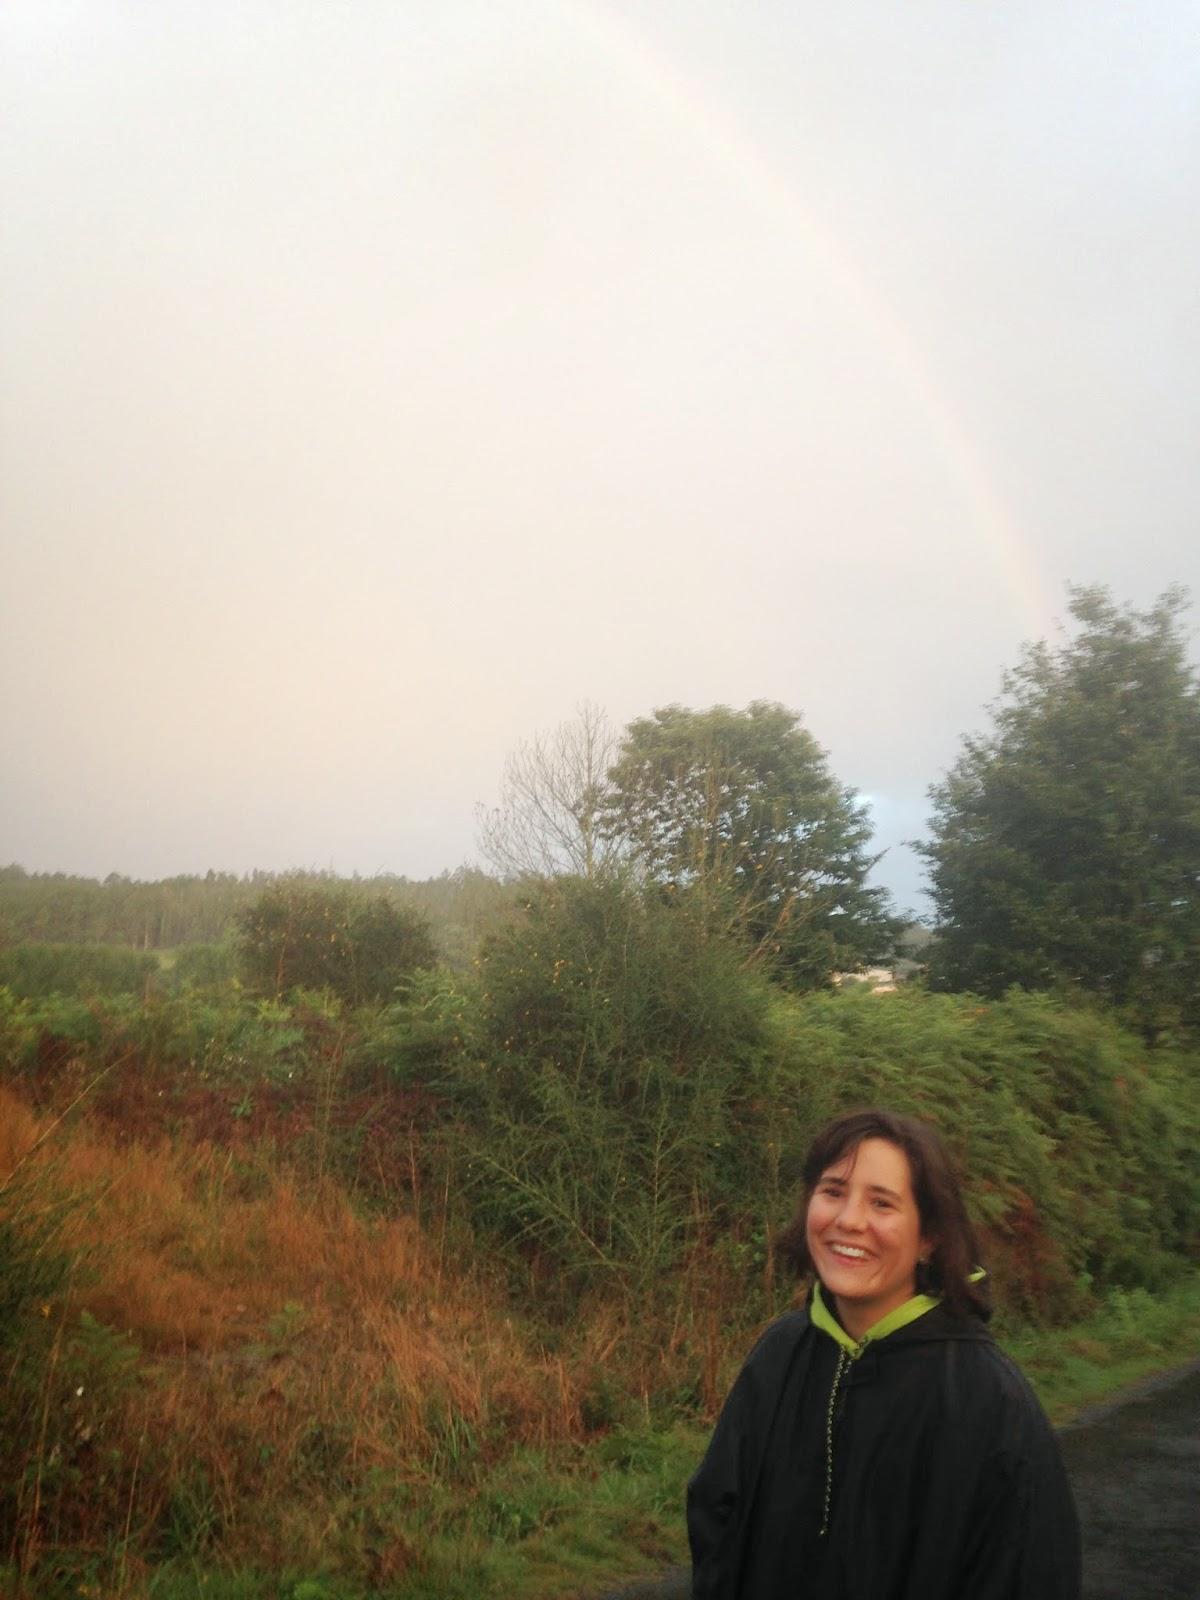 Con el arco iris